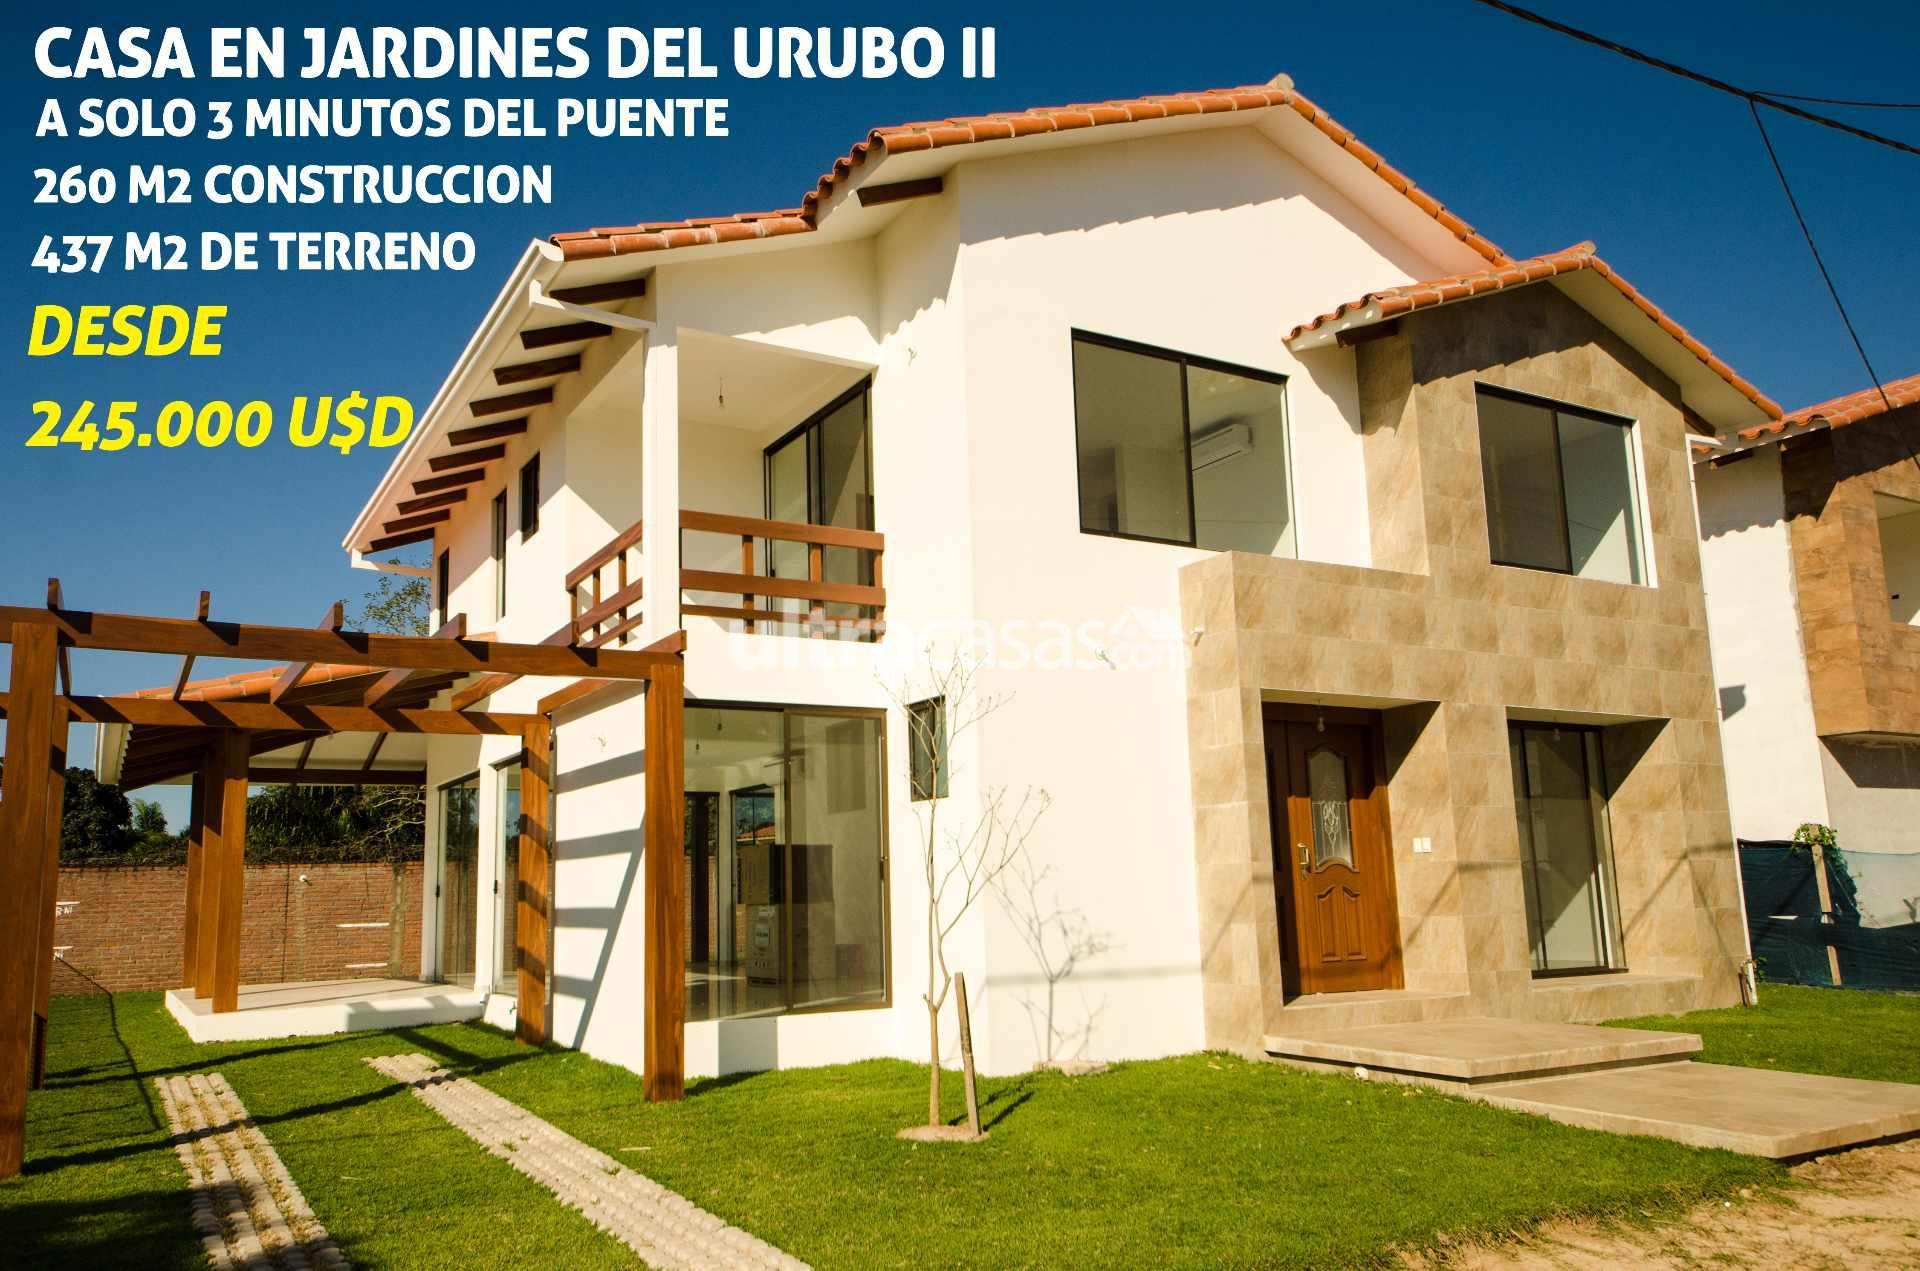 Casa en Venta URUBO, Condominio Jardines del Urubo II Foto 21